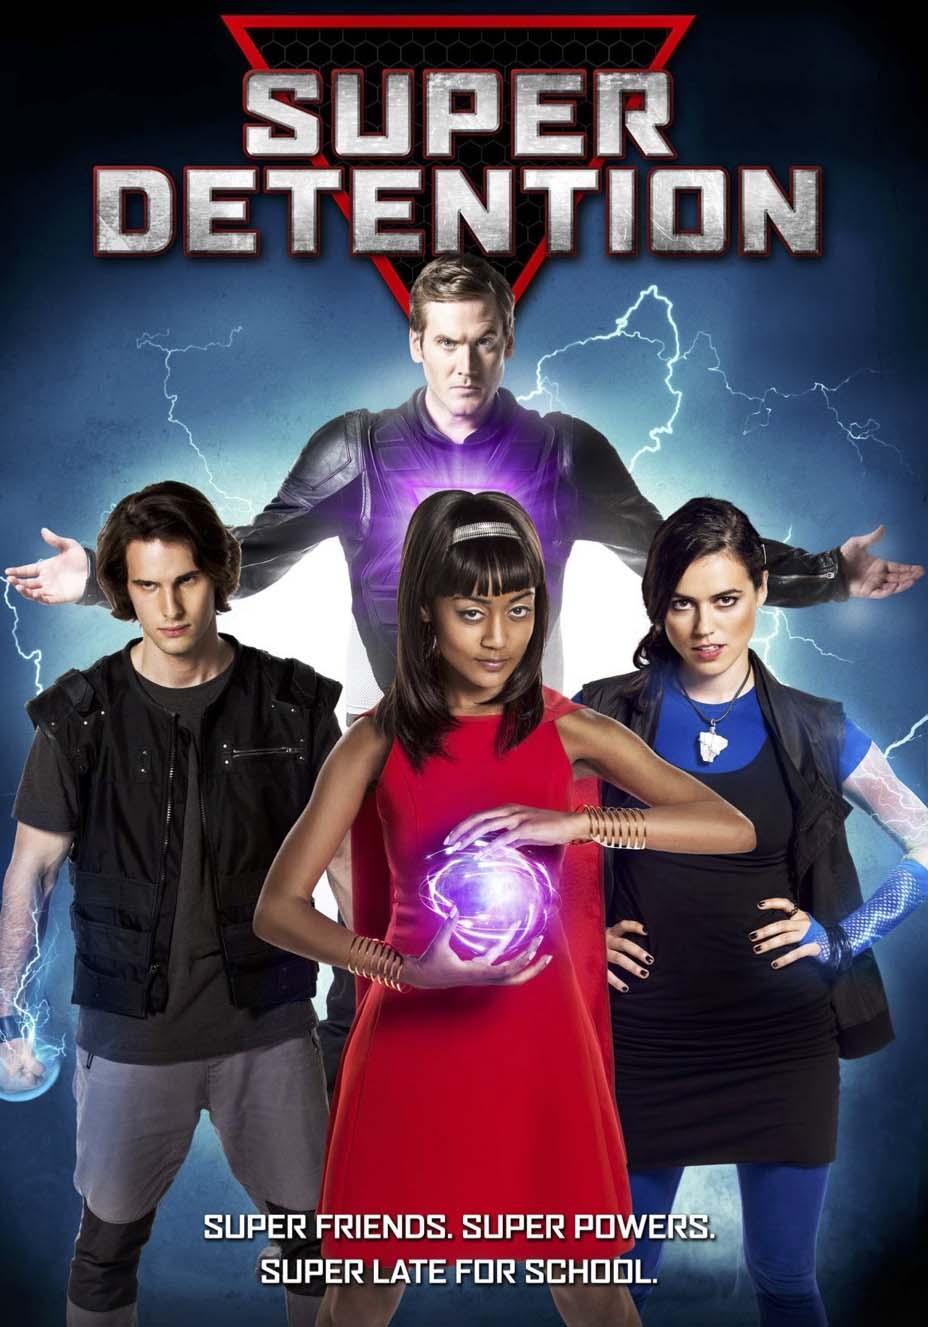 სუპერგმირების სასჯელი / Supergmirebis Sasjeli / Super Detention